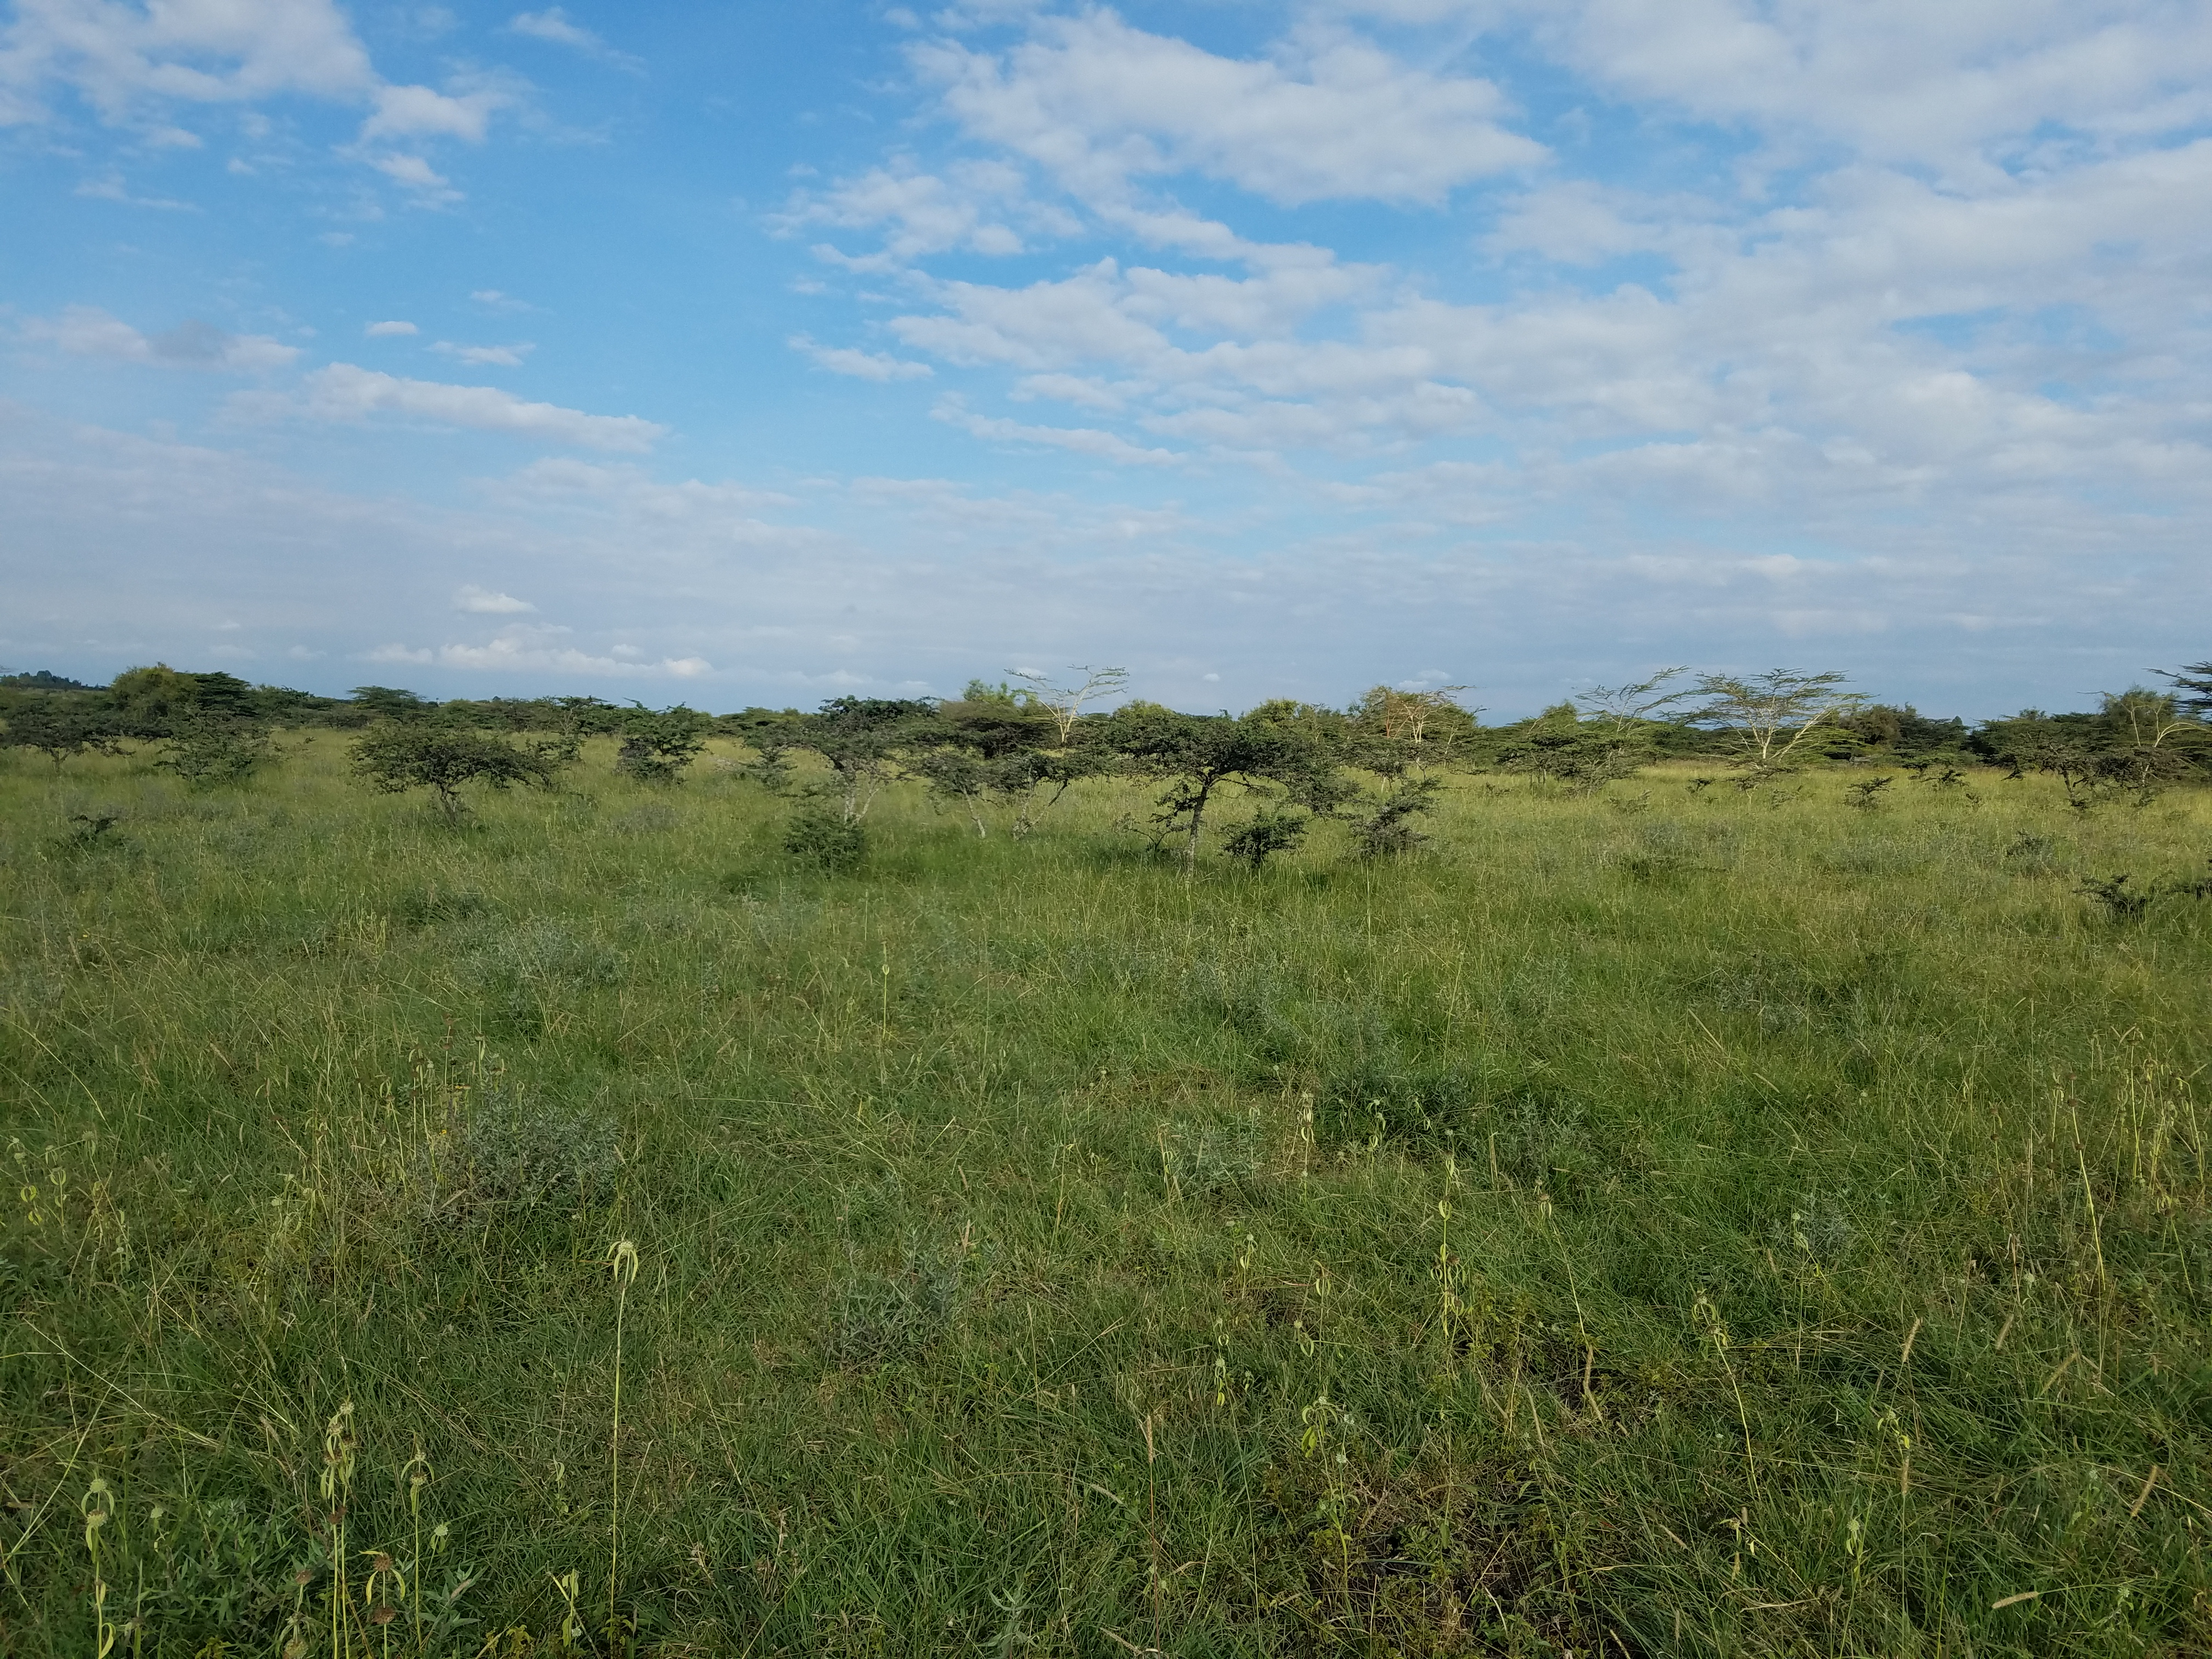 40 Acres Land for sale in Kitengela Kajiado